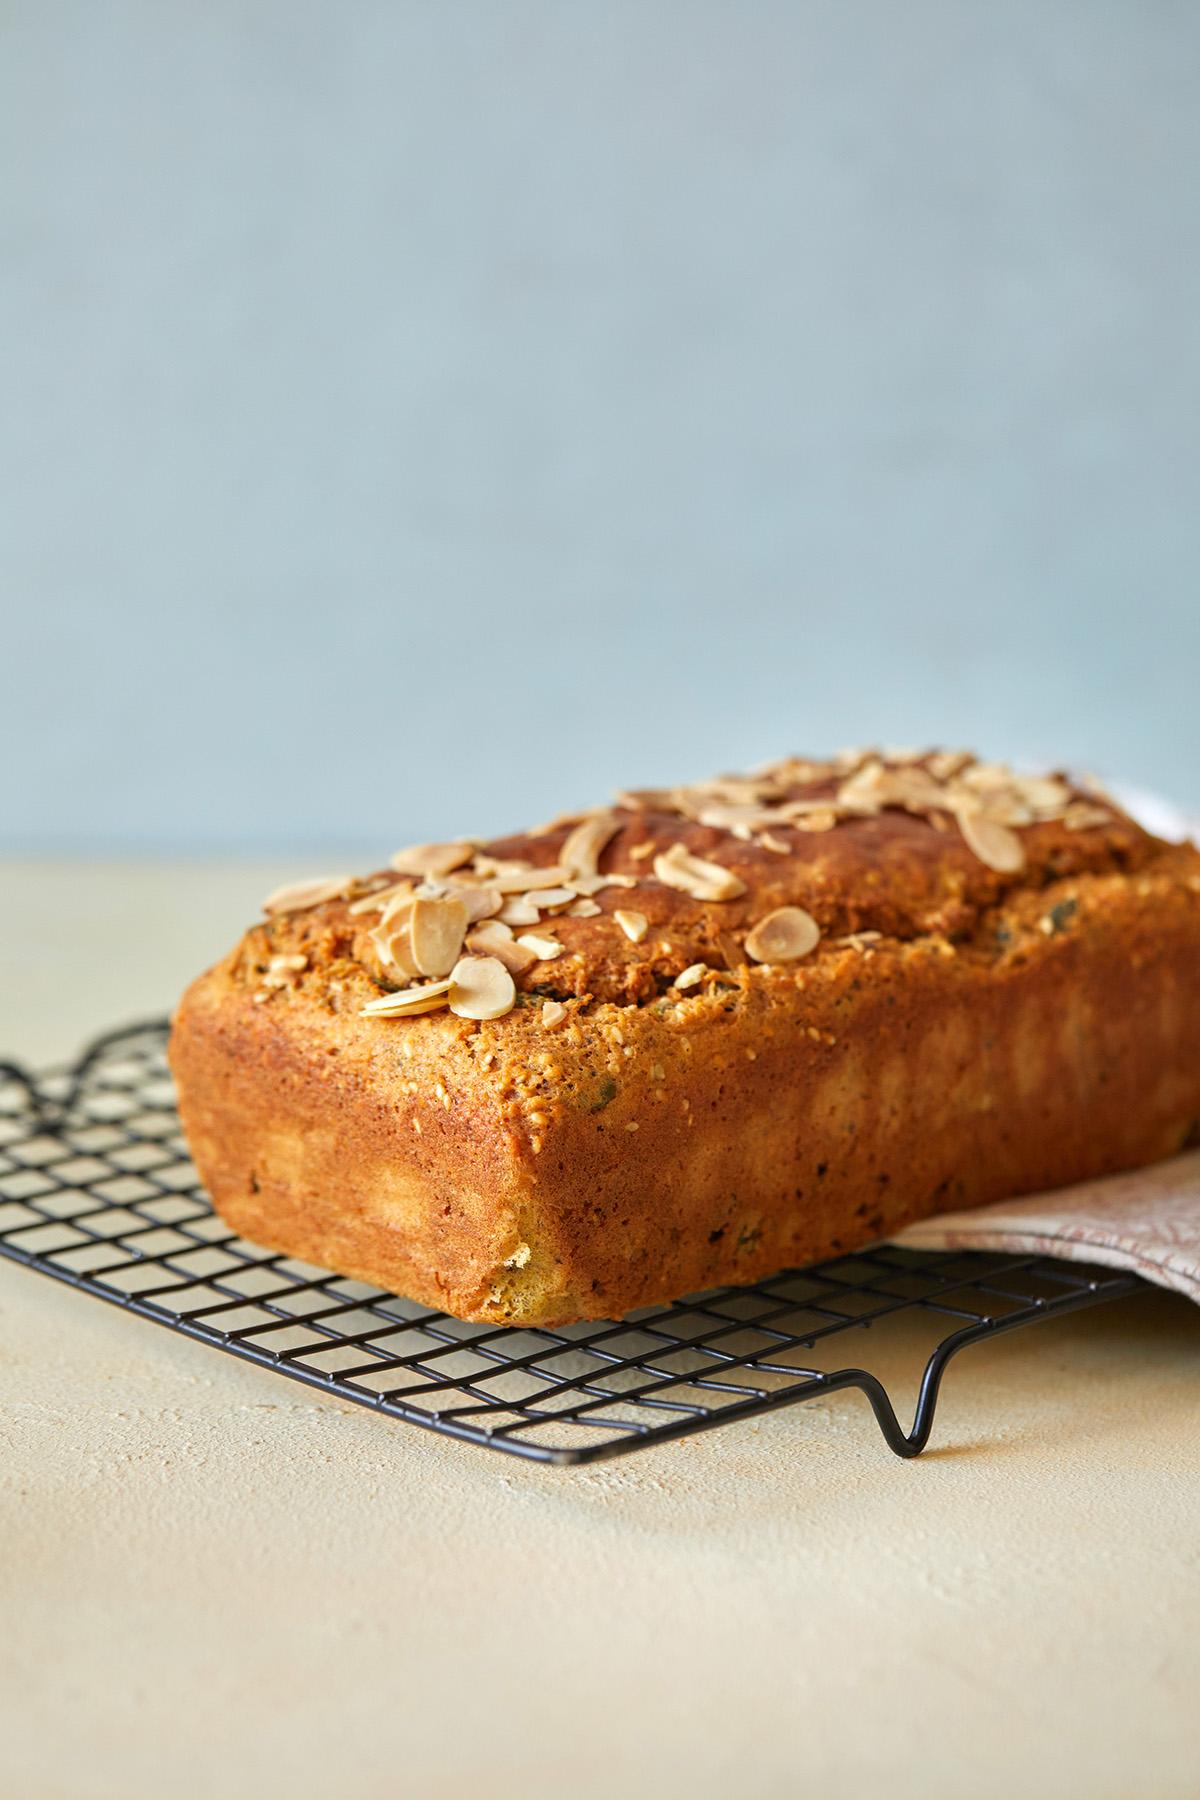 לחם עדשים כתומות. צילום: טל סיון צפורין